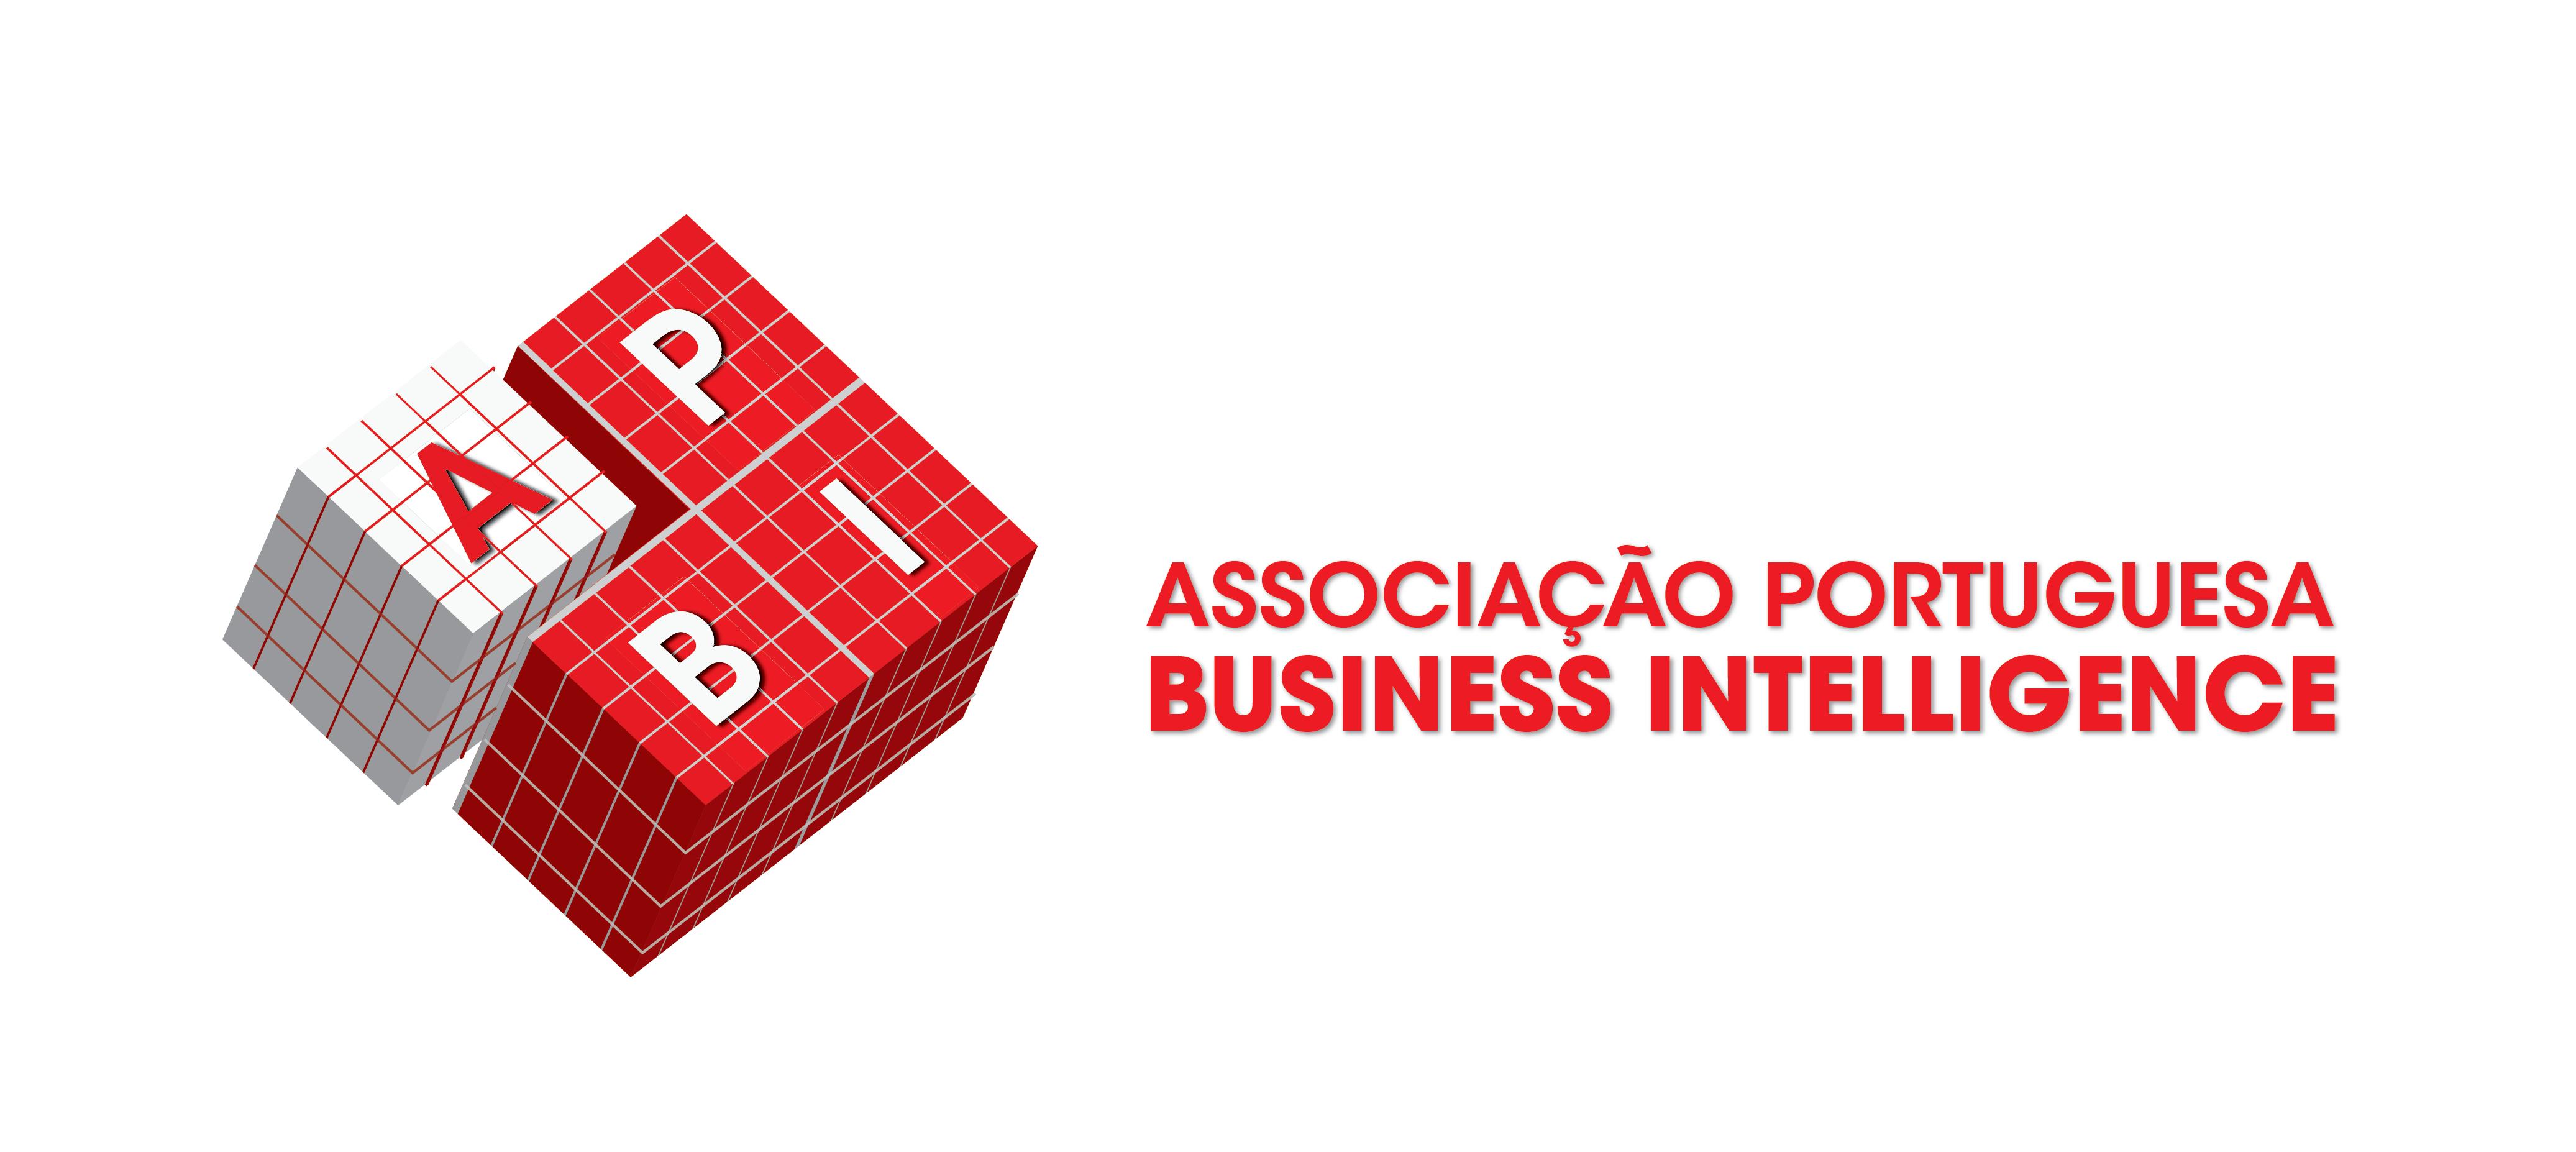 Rumos e a Associação Portuguesa de BI estabelecem parceria